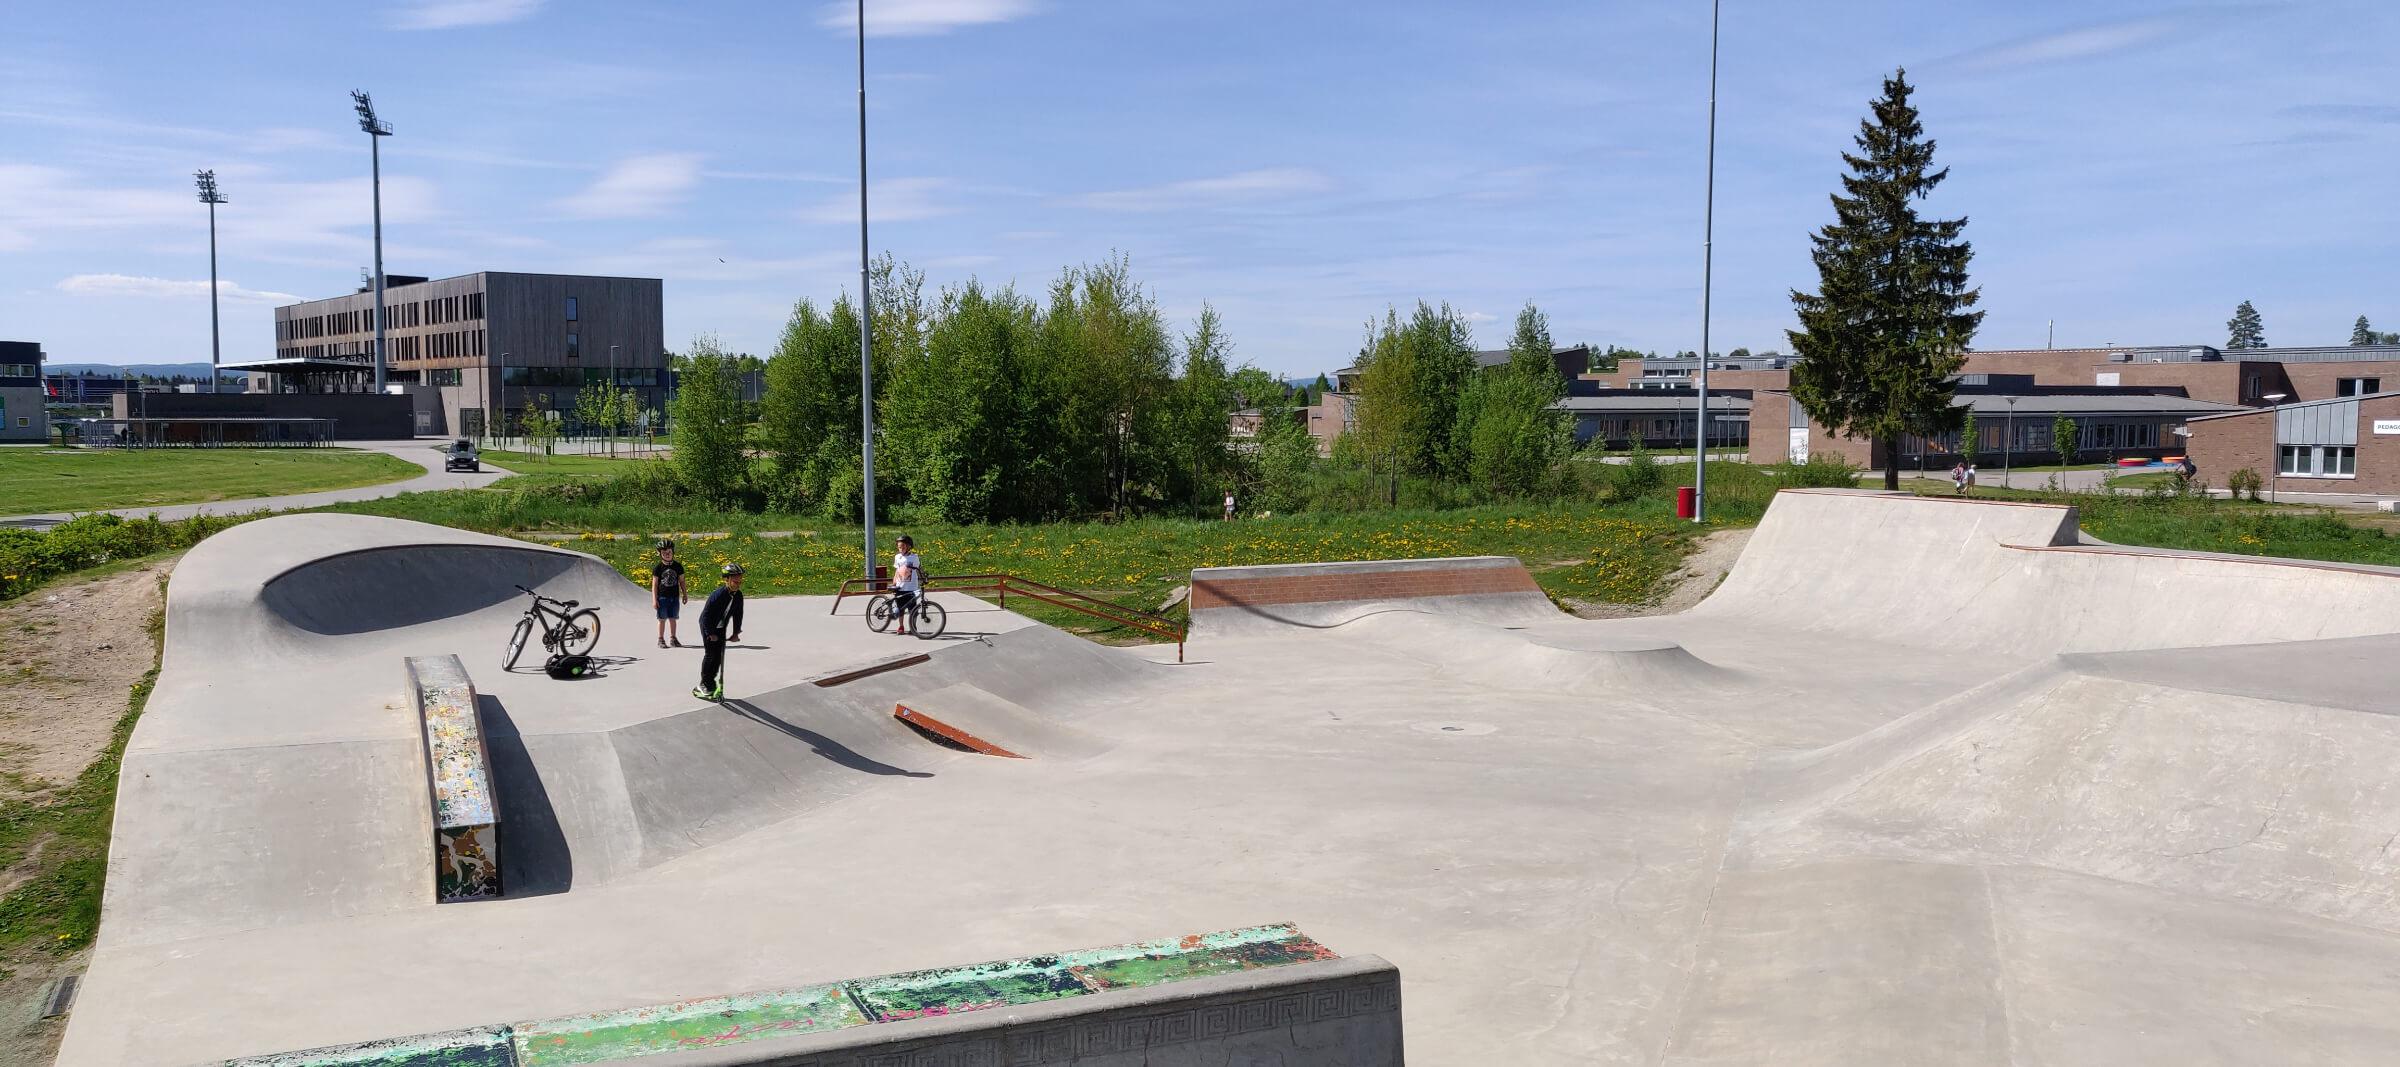 Jessheim skatepark